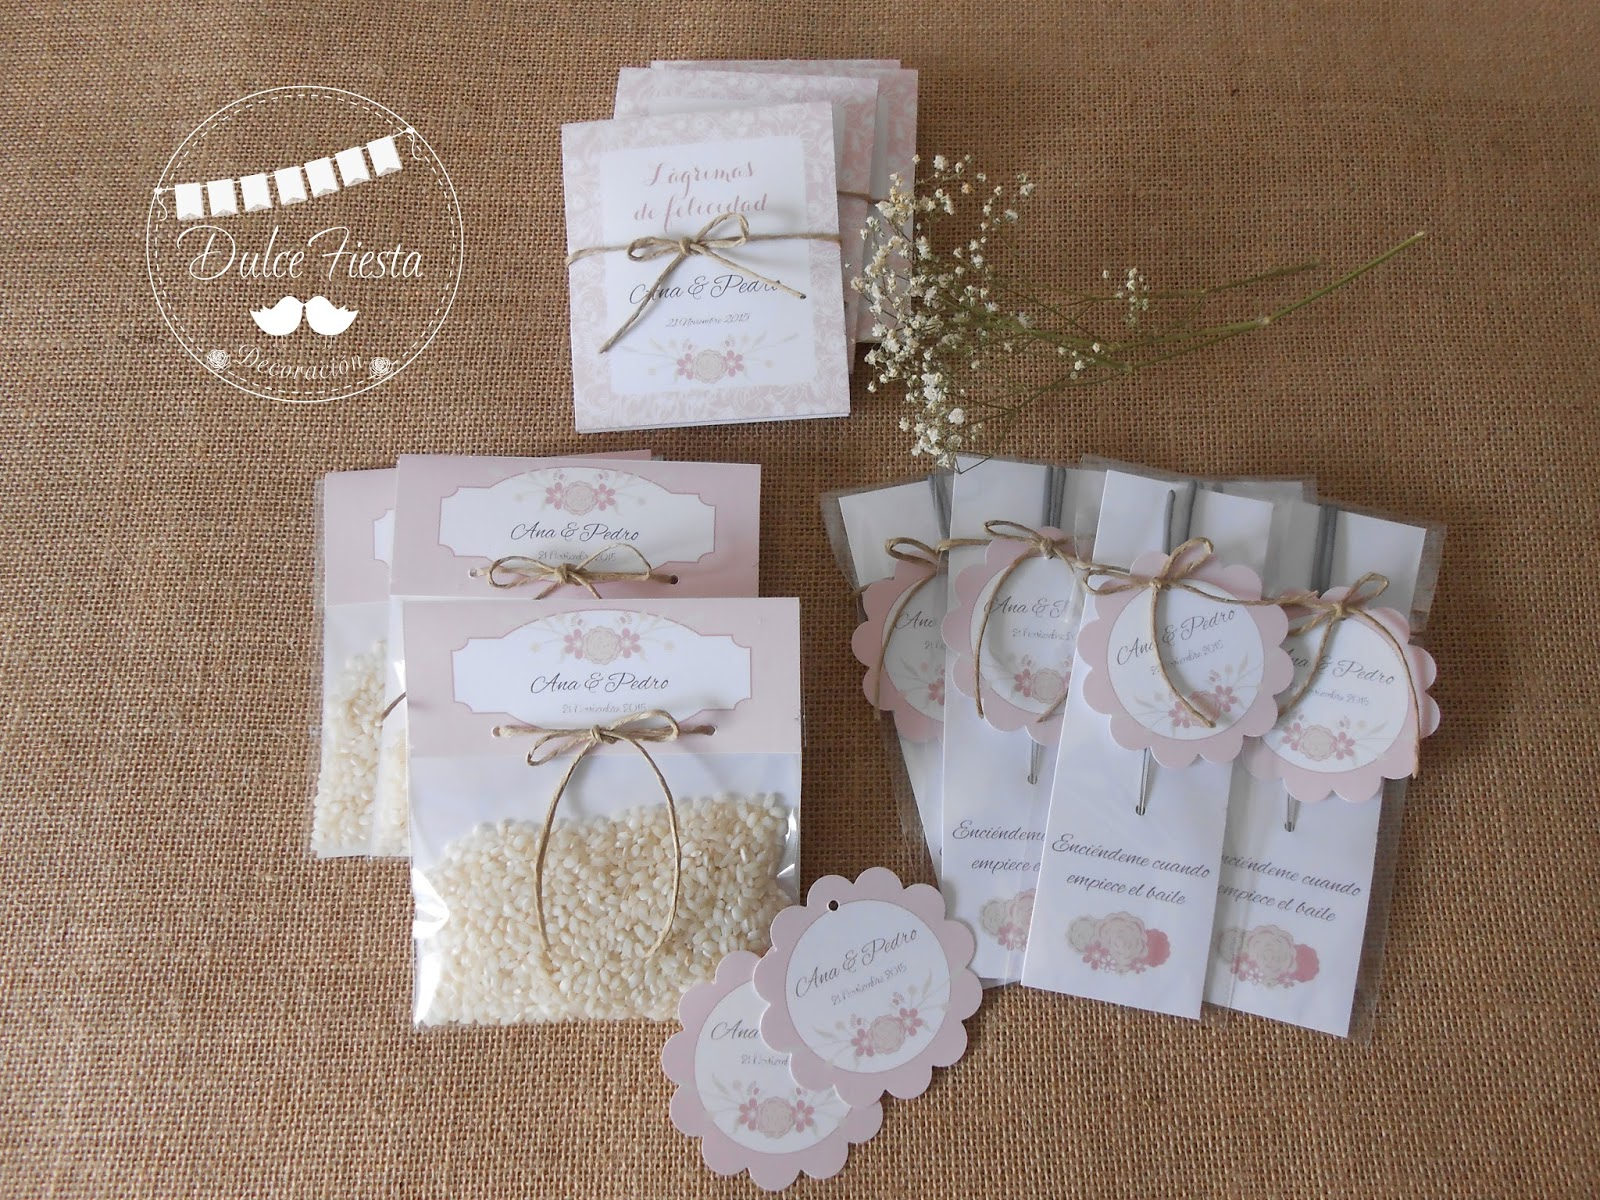 Dise o y decoraci n personalizada para eventos detalles y for Detalles decoracion boda